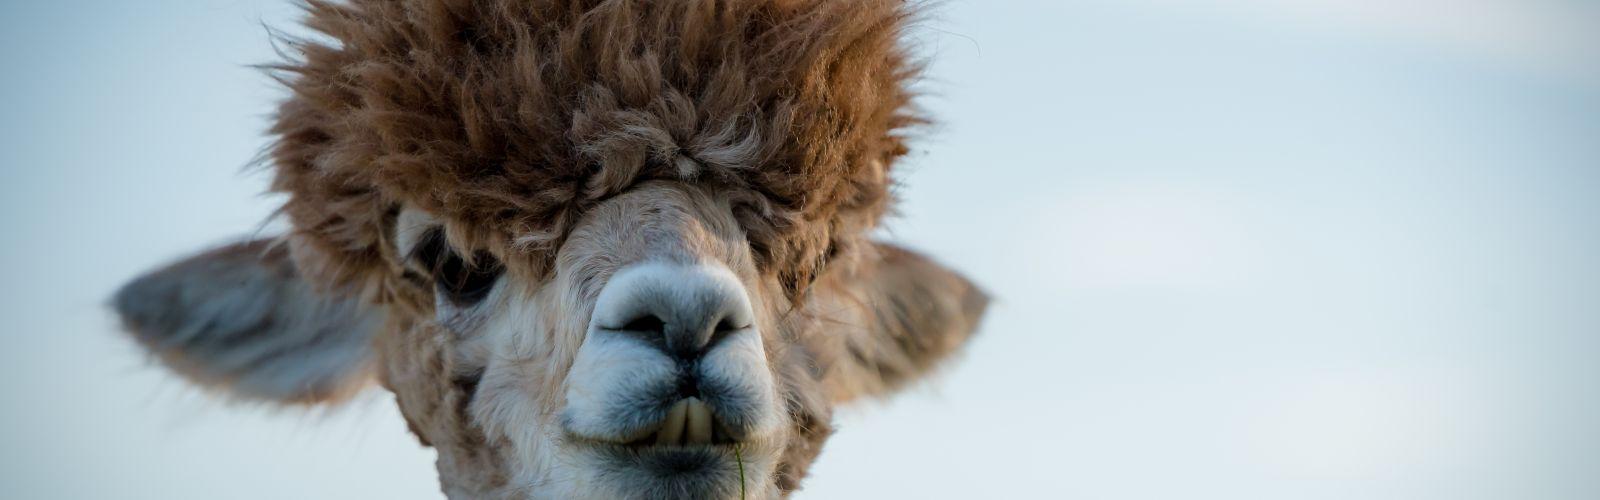 a close up of a llama looking at the camera